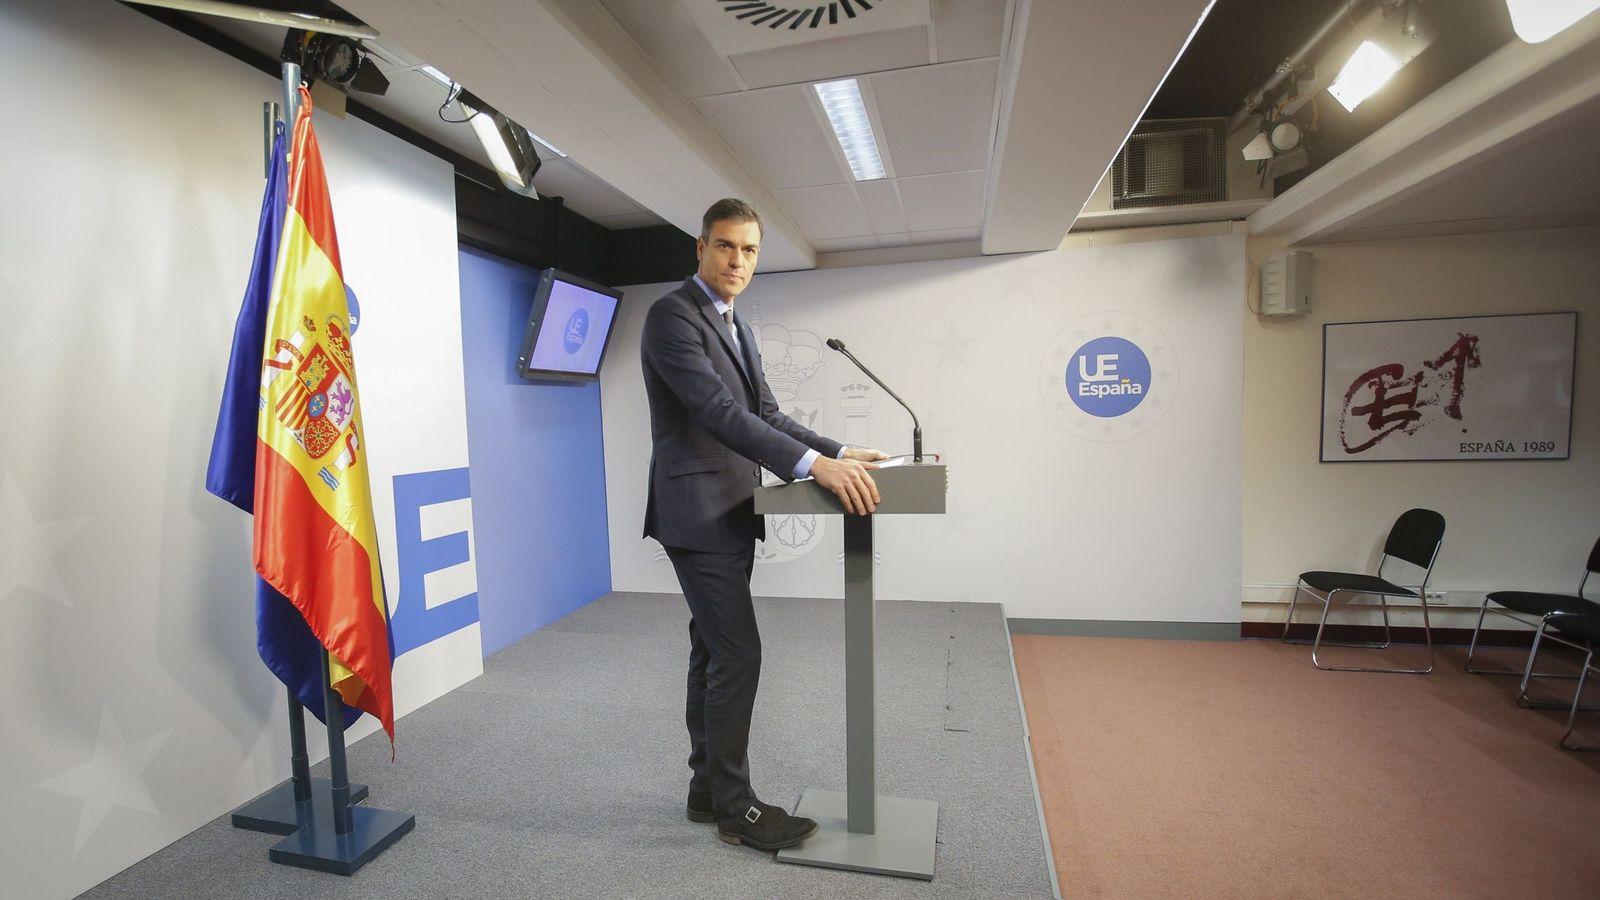 Foto: El presidente del Gobierno, Pedro Sánchez, en rueda de prensa tras concluir el Consejo Europeo extraordinario. (EFE)